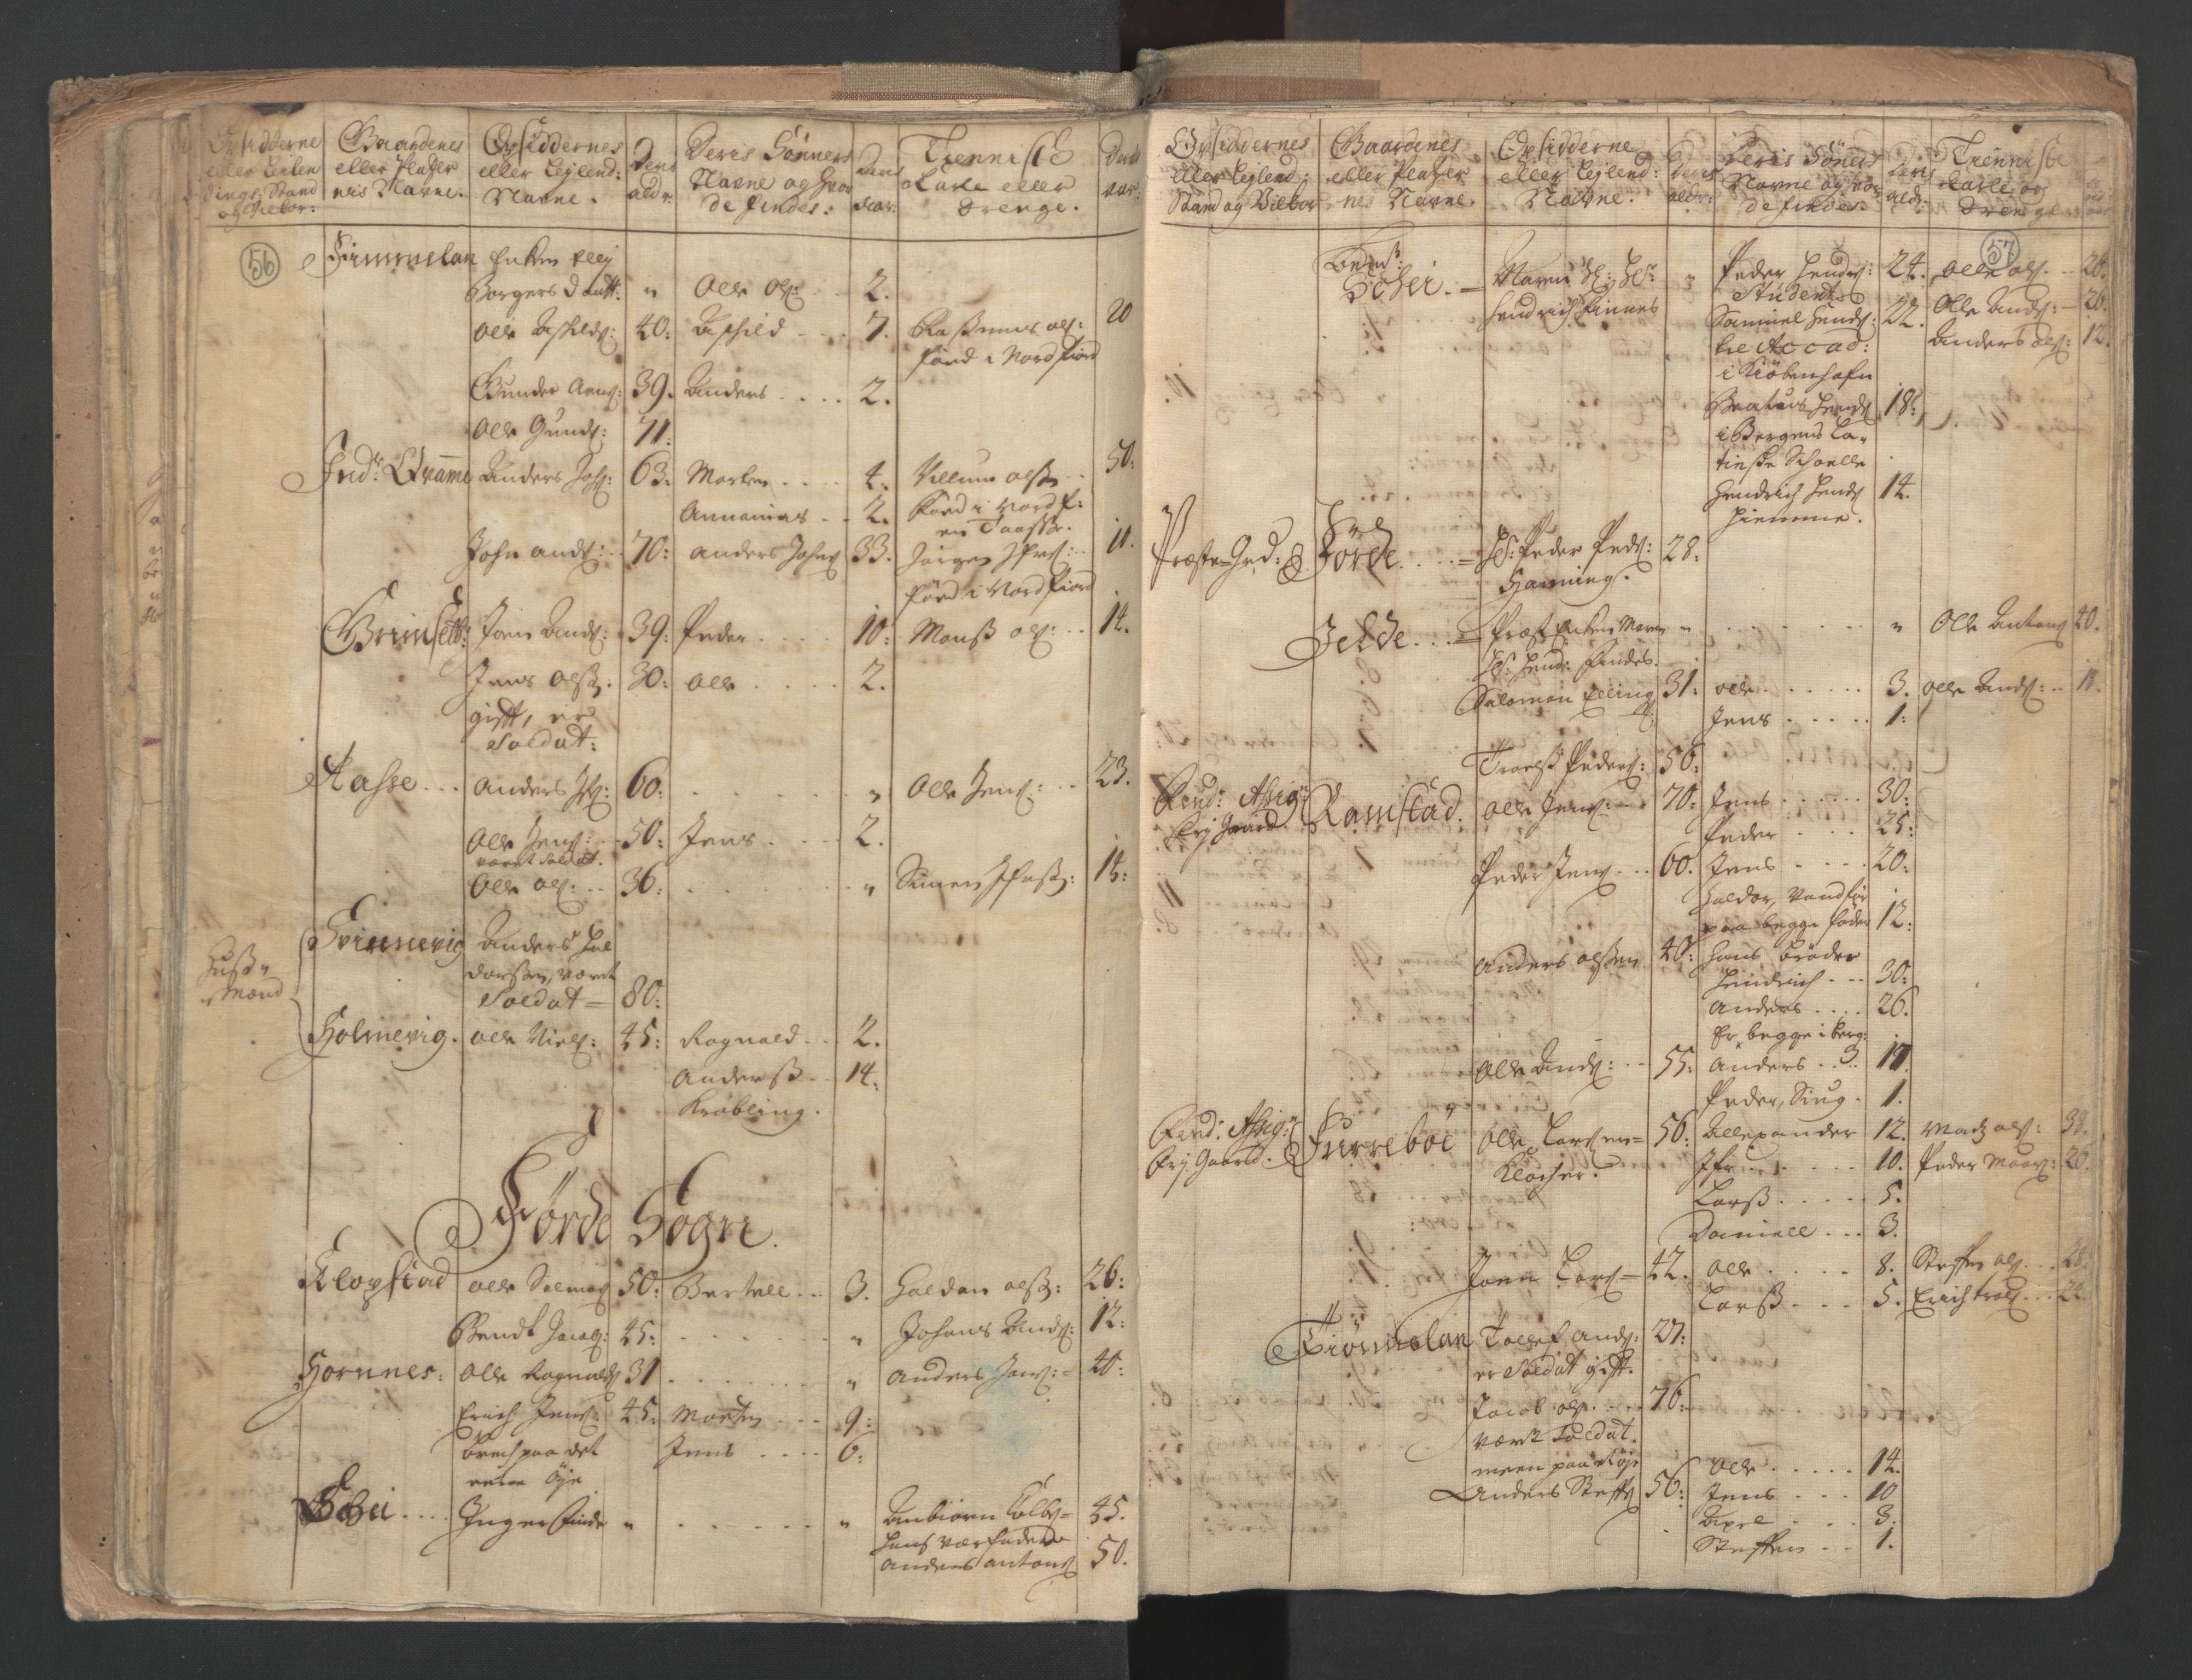 RA, Manntallet 1701, nr. 9: Sunnfjord fogderi, Nordfjord fogderi og Svanø birk, 1701, s. 56-57